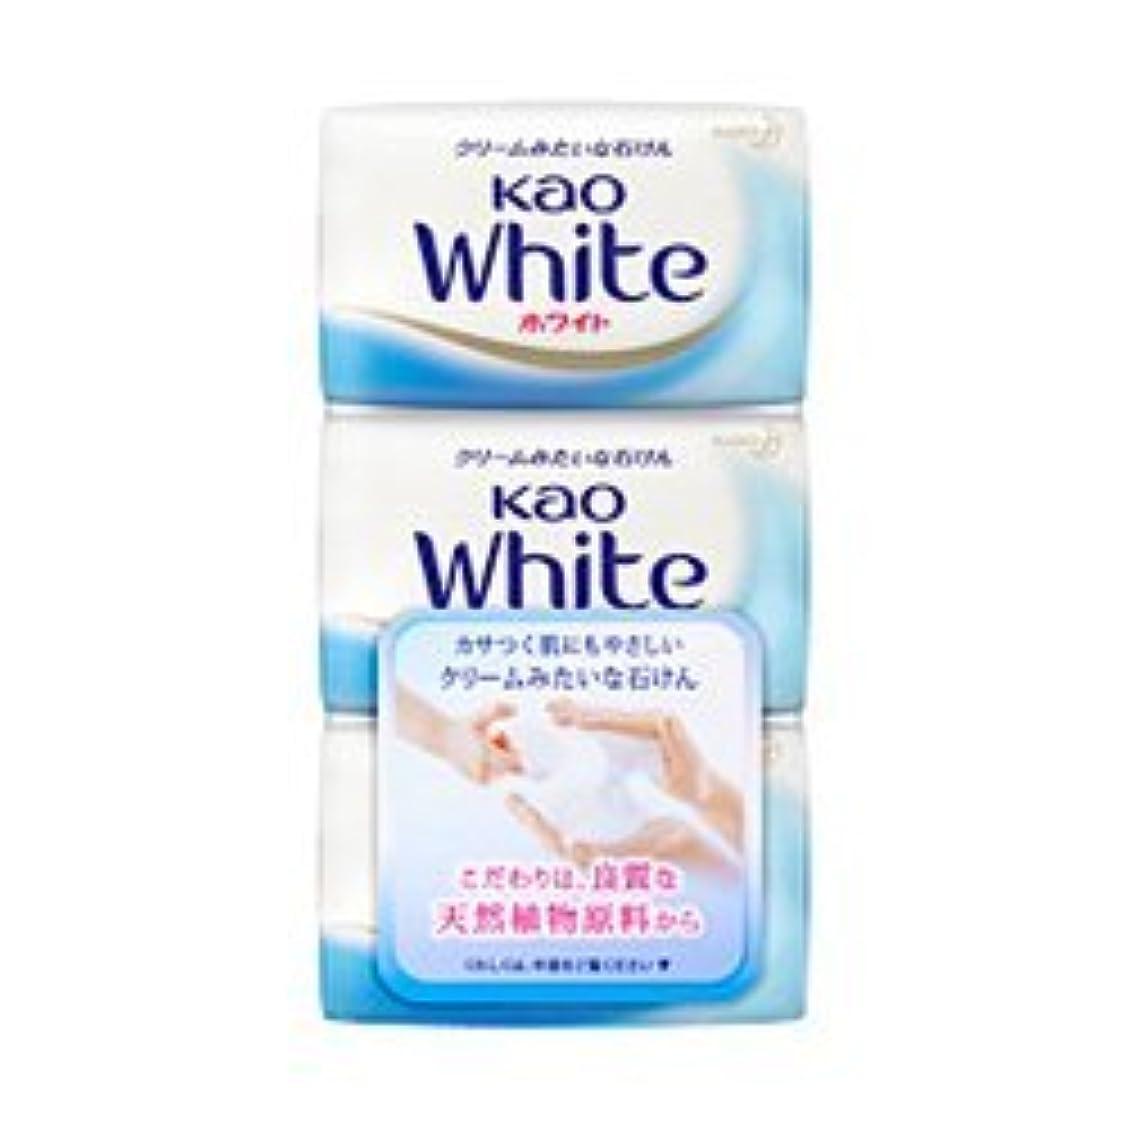 バッフルとして書く【花王】花王ホワイト レギュラーサイズ (85g×3個) ×20個セット